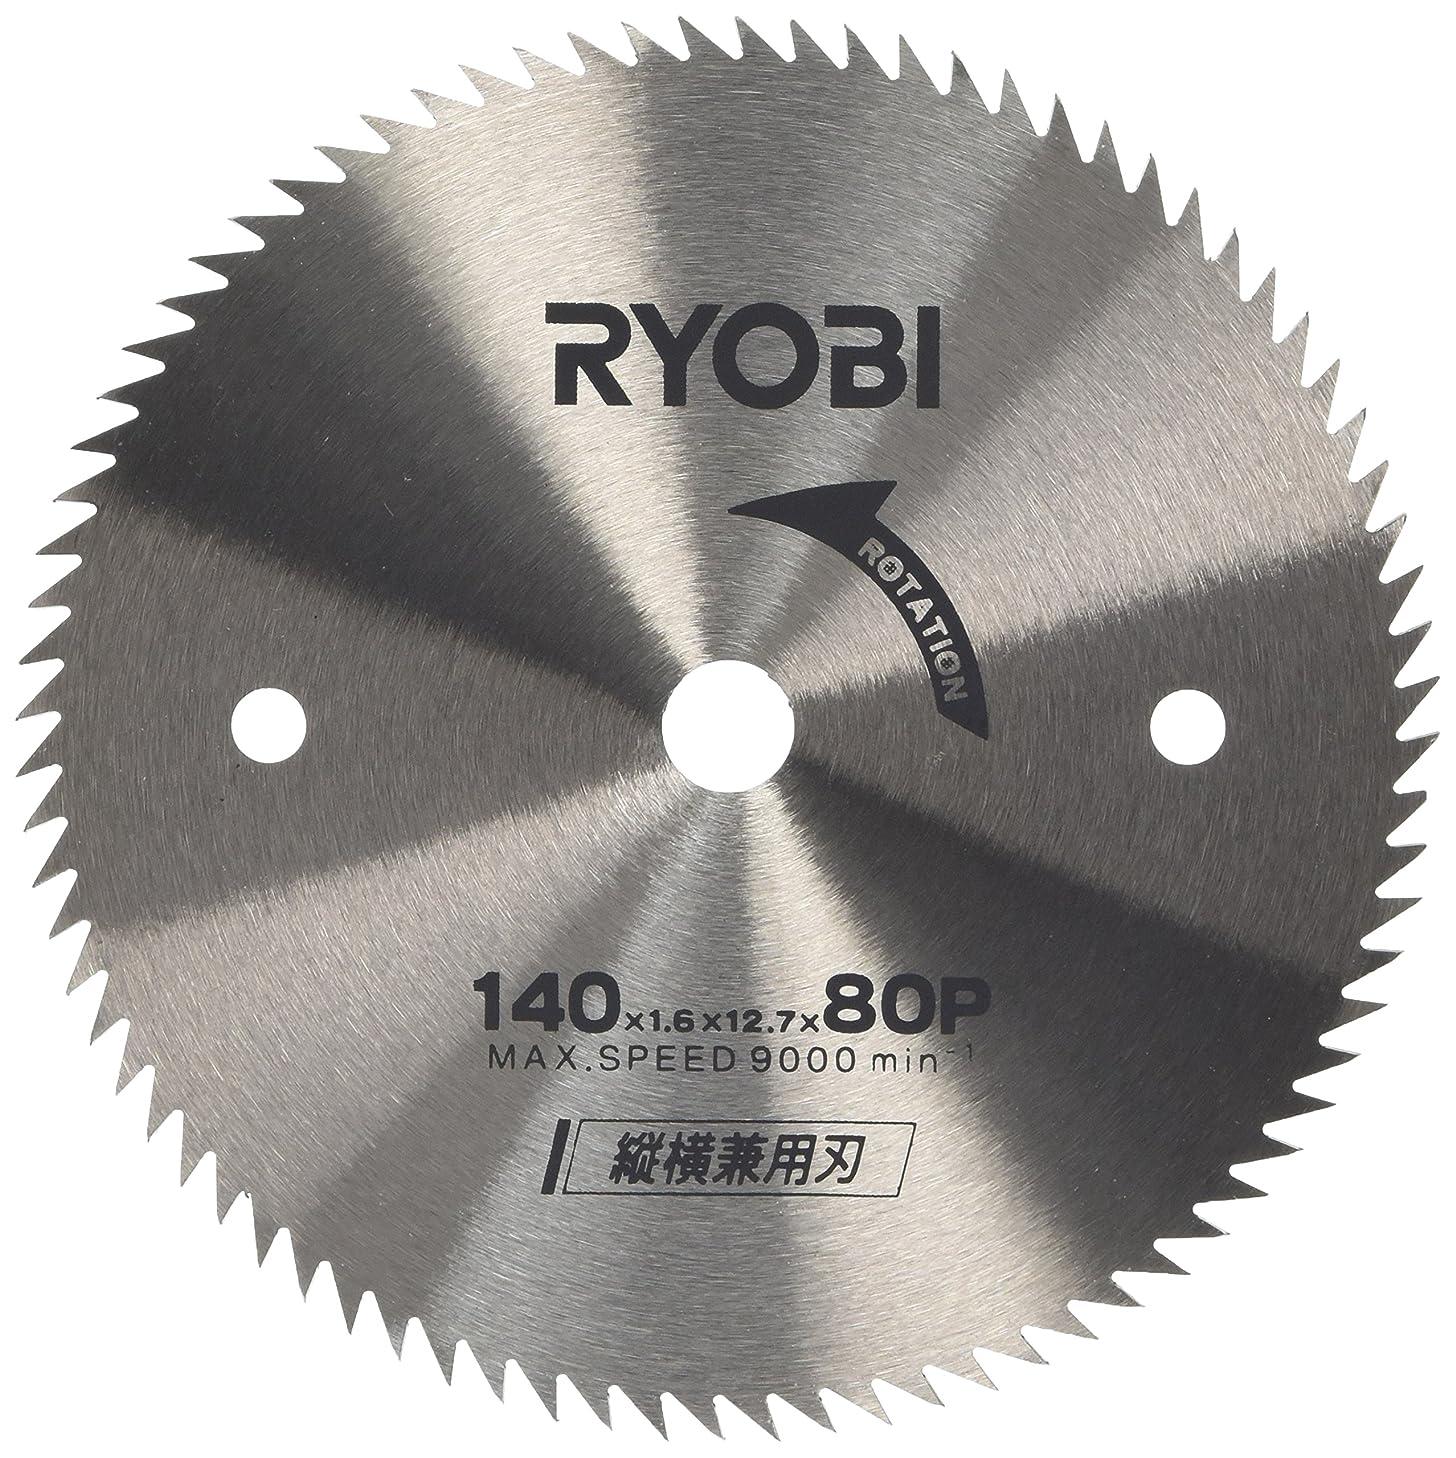 テレビ局原油見通しリョービ(RYOBI) 丸ノコ刃 タテ?ヨコ兼用刃 140×12.7mm 80P 6651567